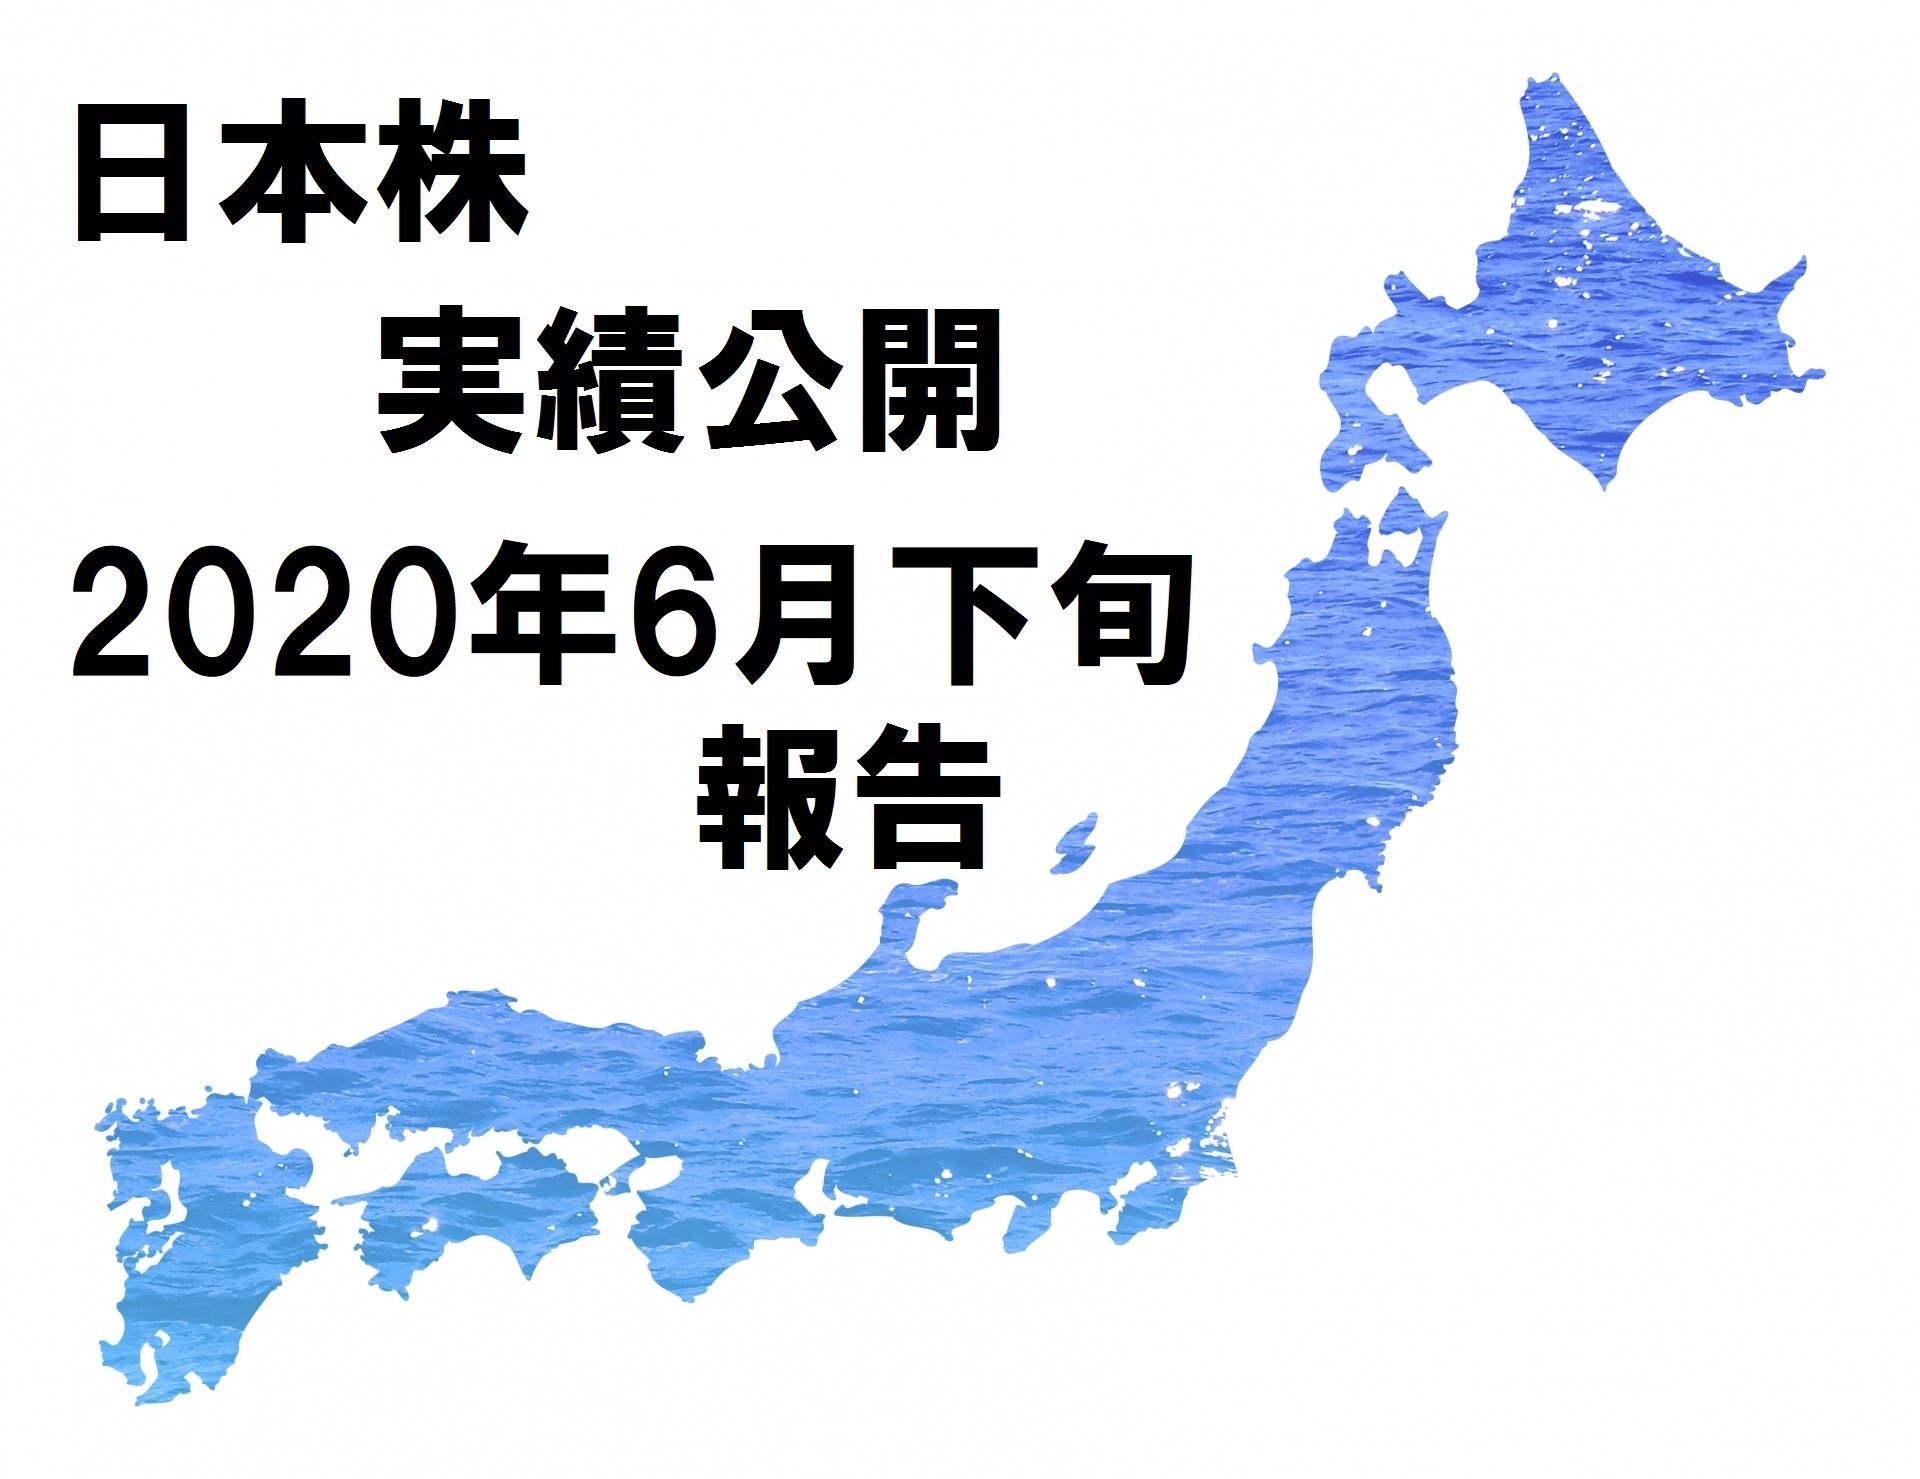 2020年6月下旬時点での日本株実績報告(平穏になれてきてしまう時間帯